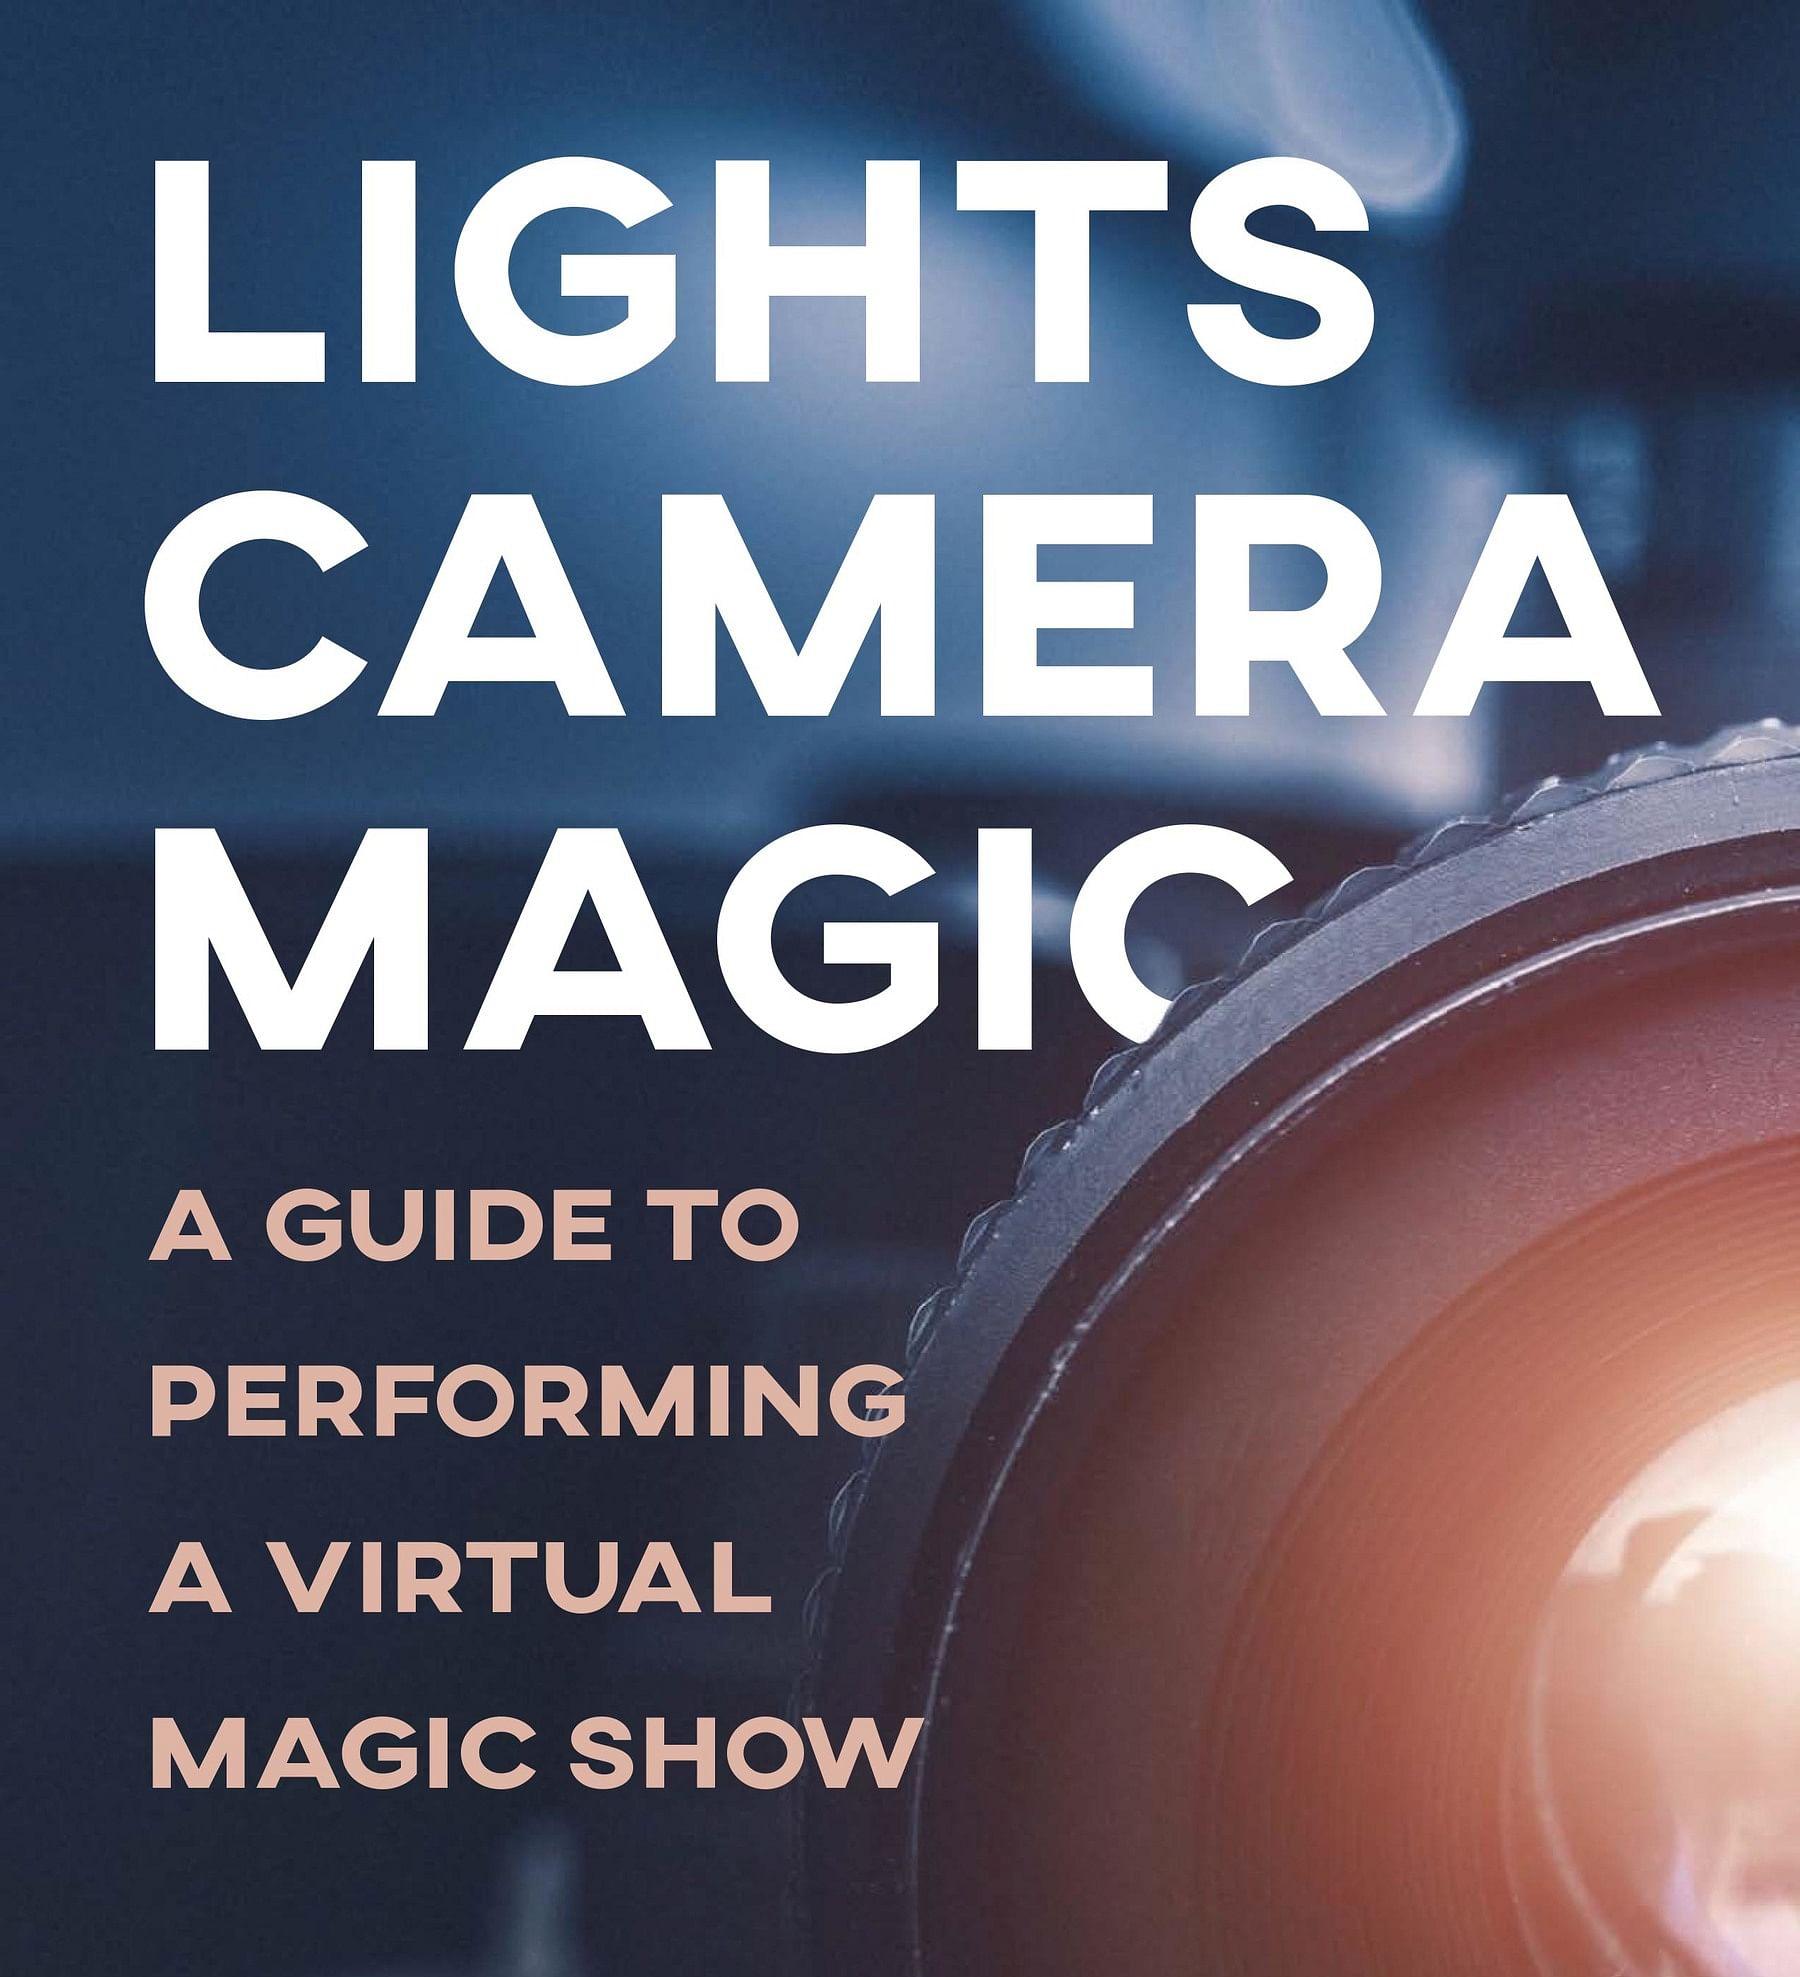 Lights Camera Magic Ebook